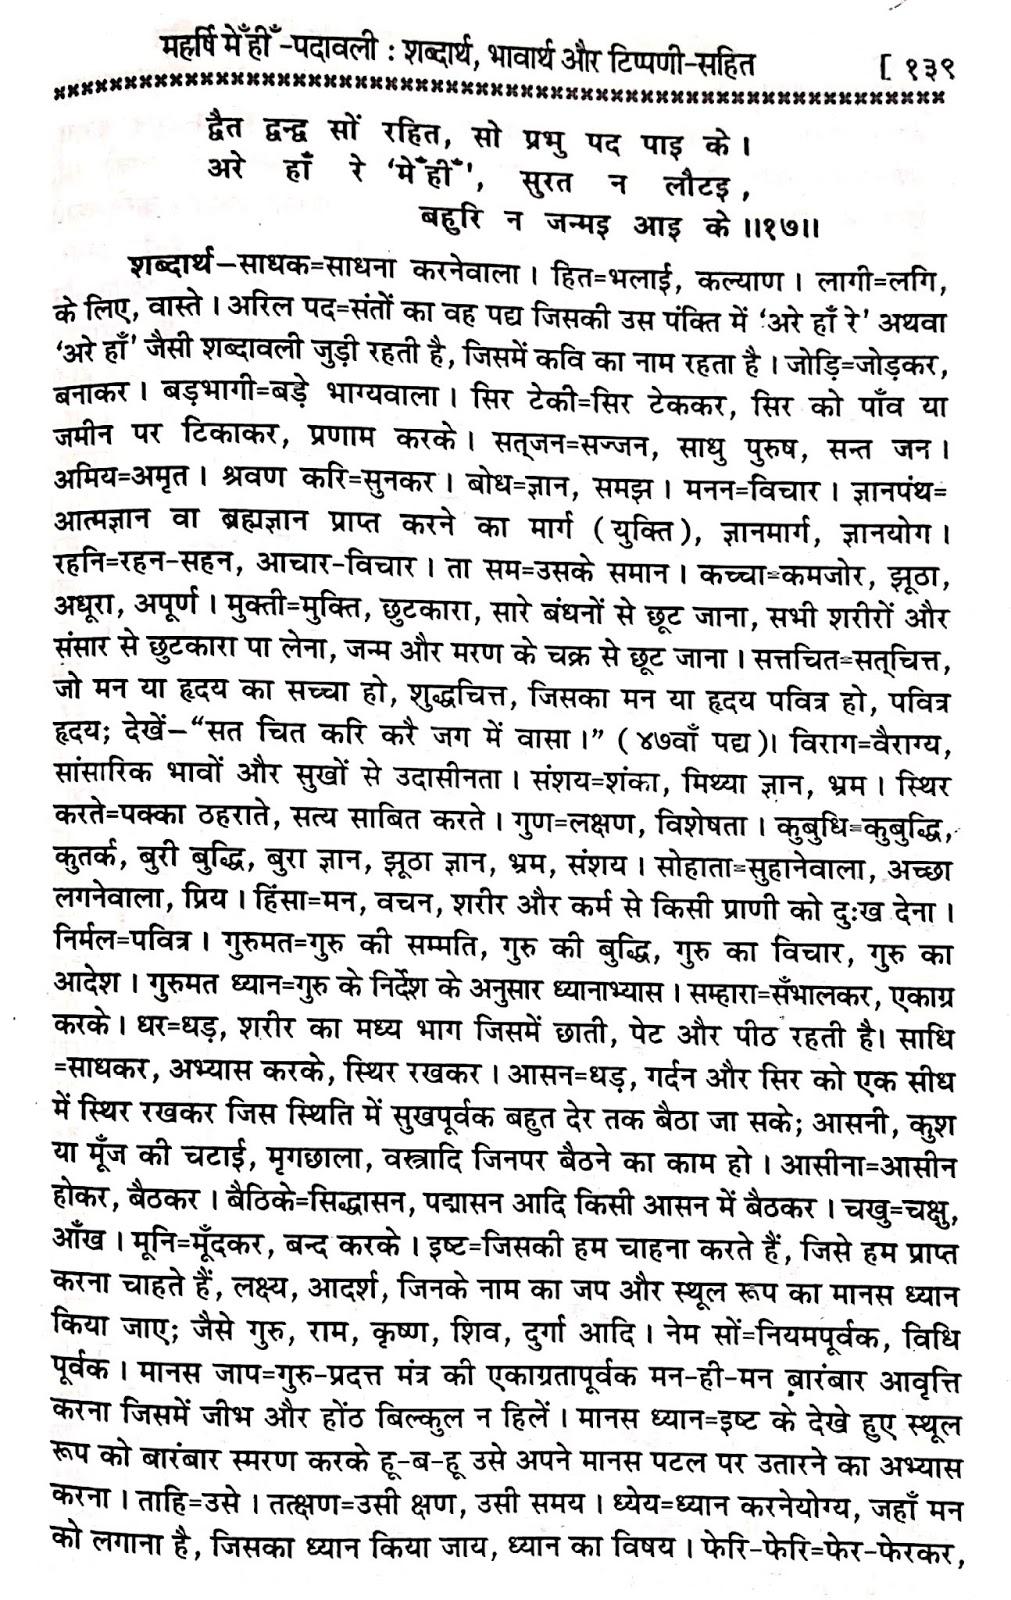 """P44, (क) The essence of saintmat meditation   """"संतमते एक ही बात।..."""" महर्षि मेंहीं पदावली (अरिल) अर्थ सहित/सत्संग ध्यान। पदावली भजन 44 का शब्दार्थ।"""